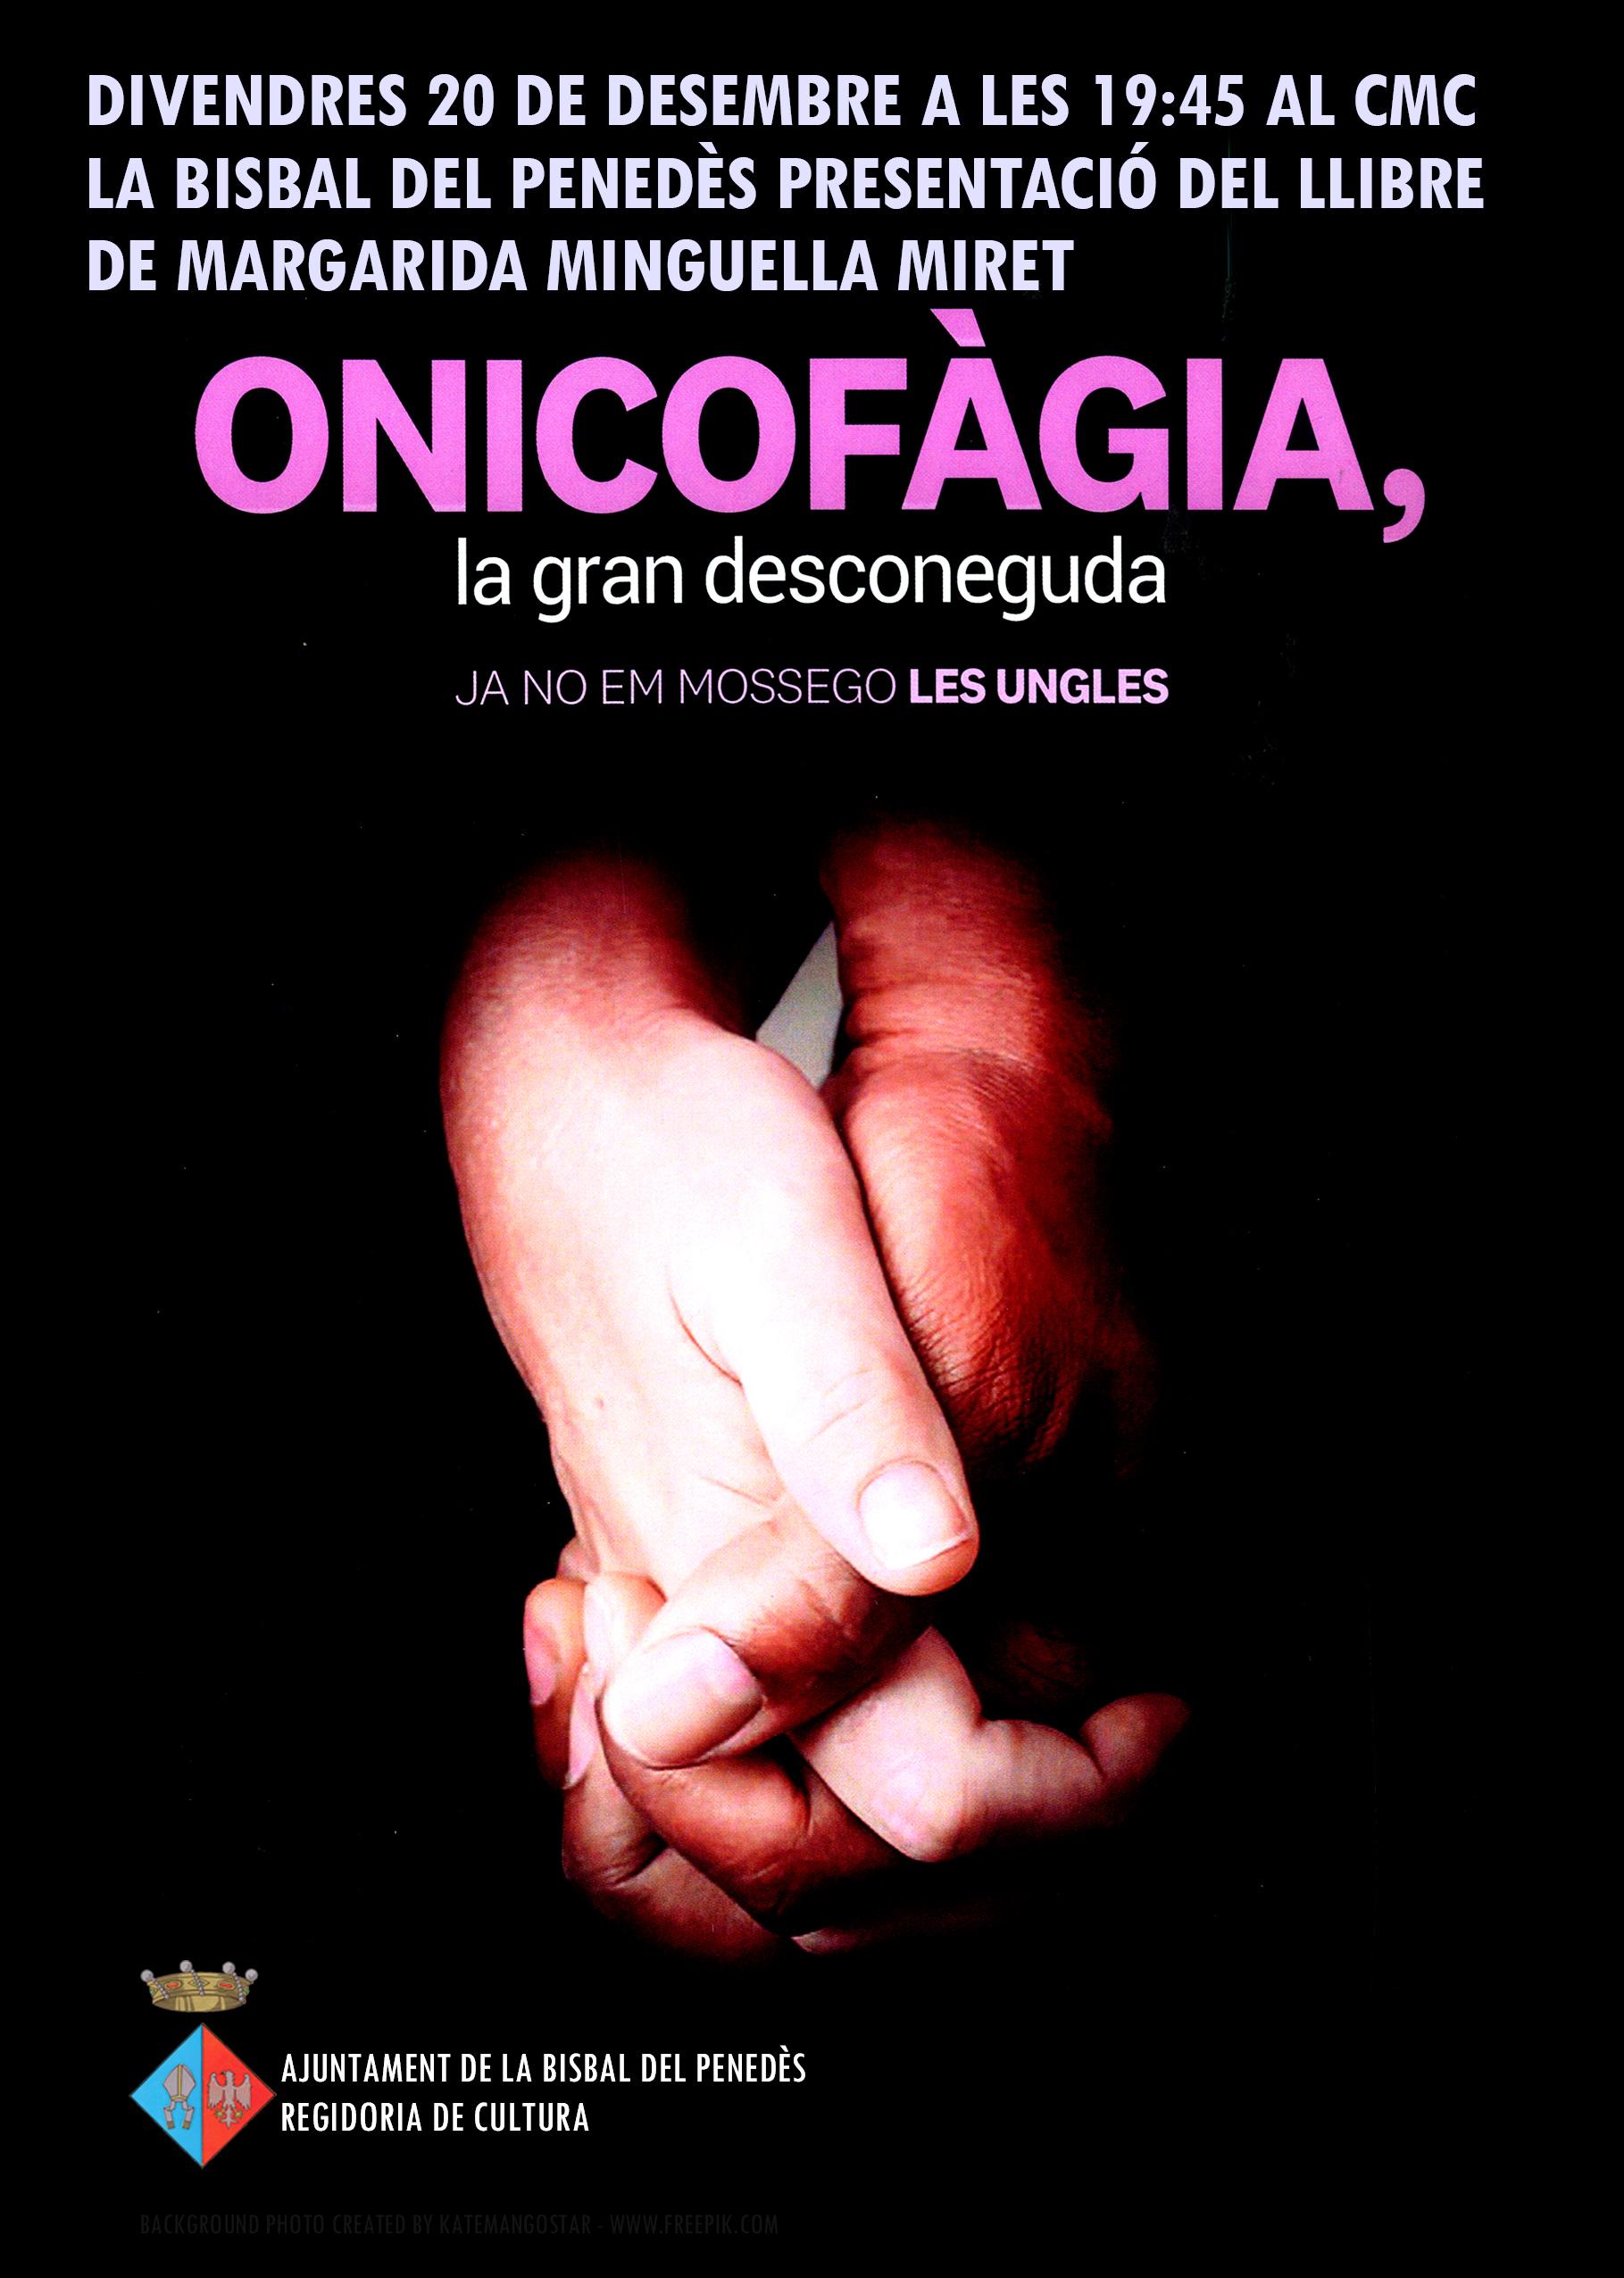 La vendrellenca Margarida Minguella presentarà el seu llibre 'Onicofàgia' al CMC el proper divendres 20 de desembre